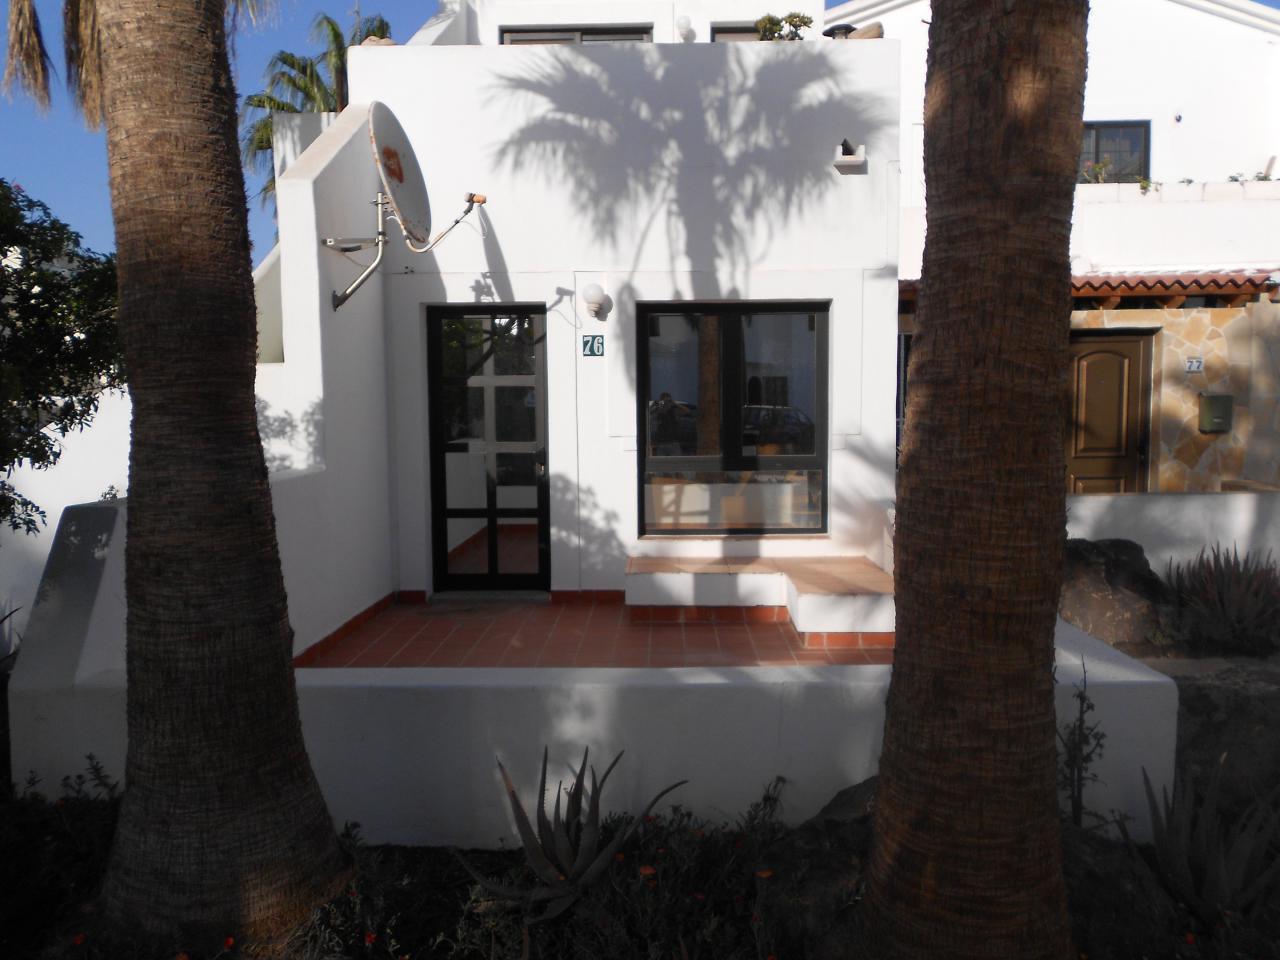 Ferienwohnung Costa Calma mit privatem Garten direkt am Strand (1851118), Costa Calma, Fuerteventura, Kanarische Inseln, Spanien, Bild 8